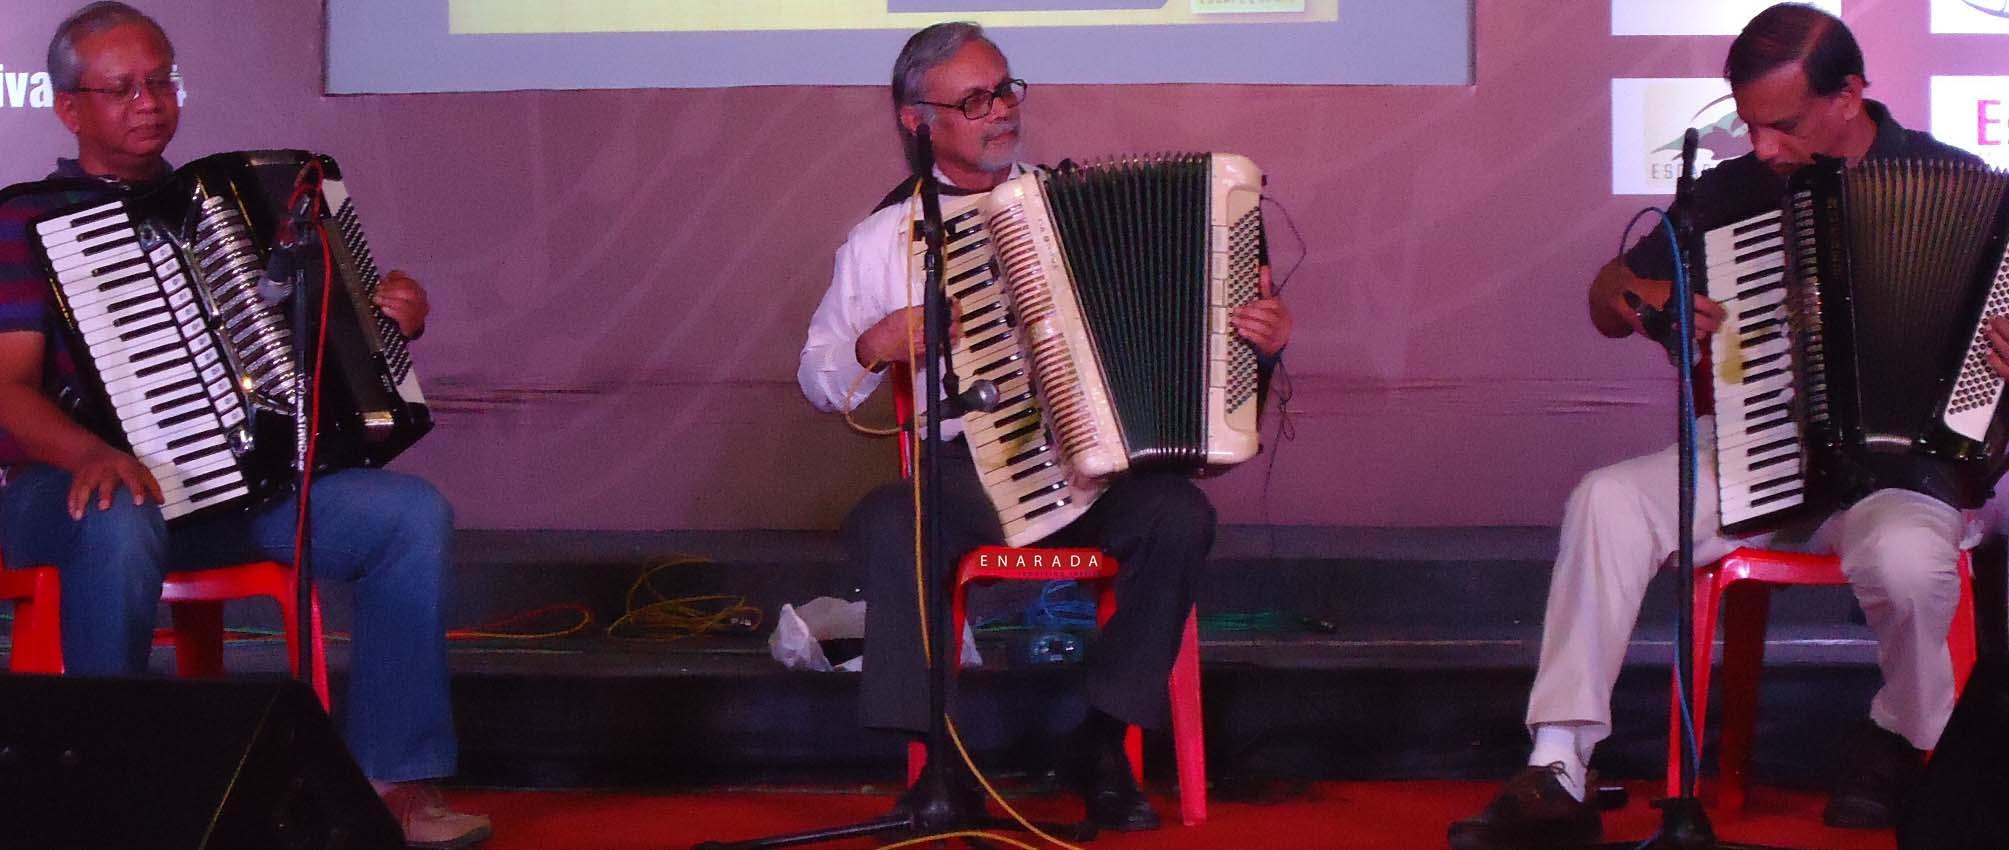 Harmonica Festival, Nov 30, 2014 enarada.com